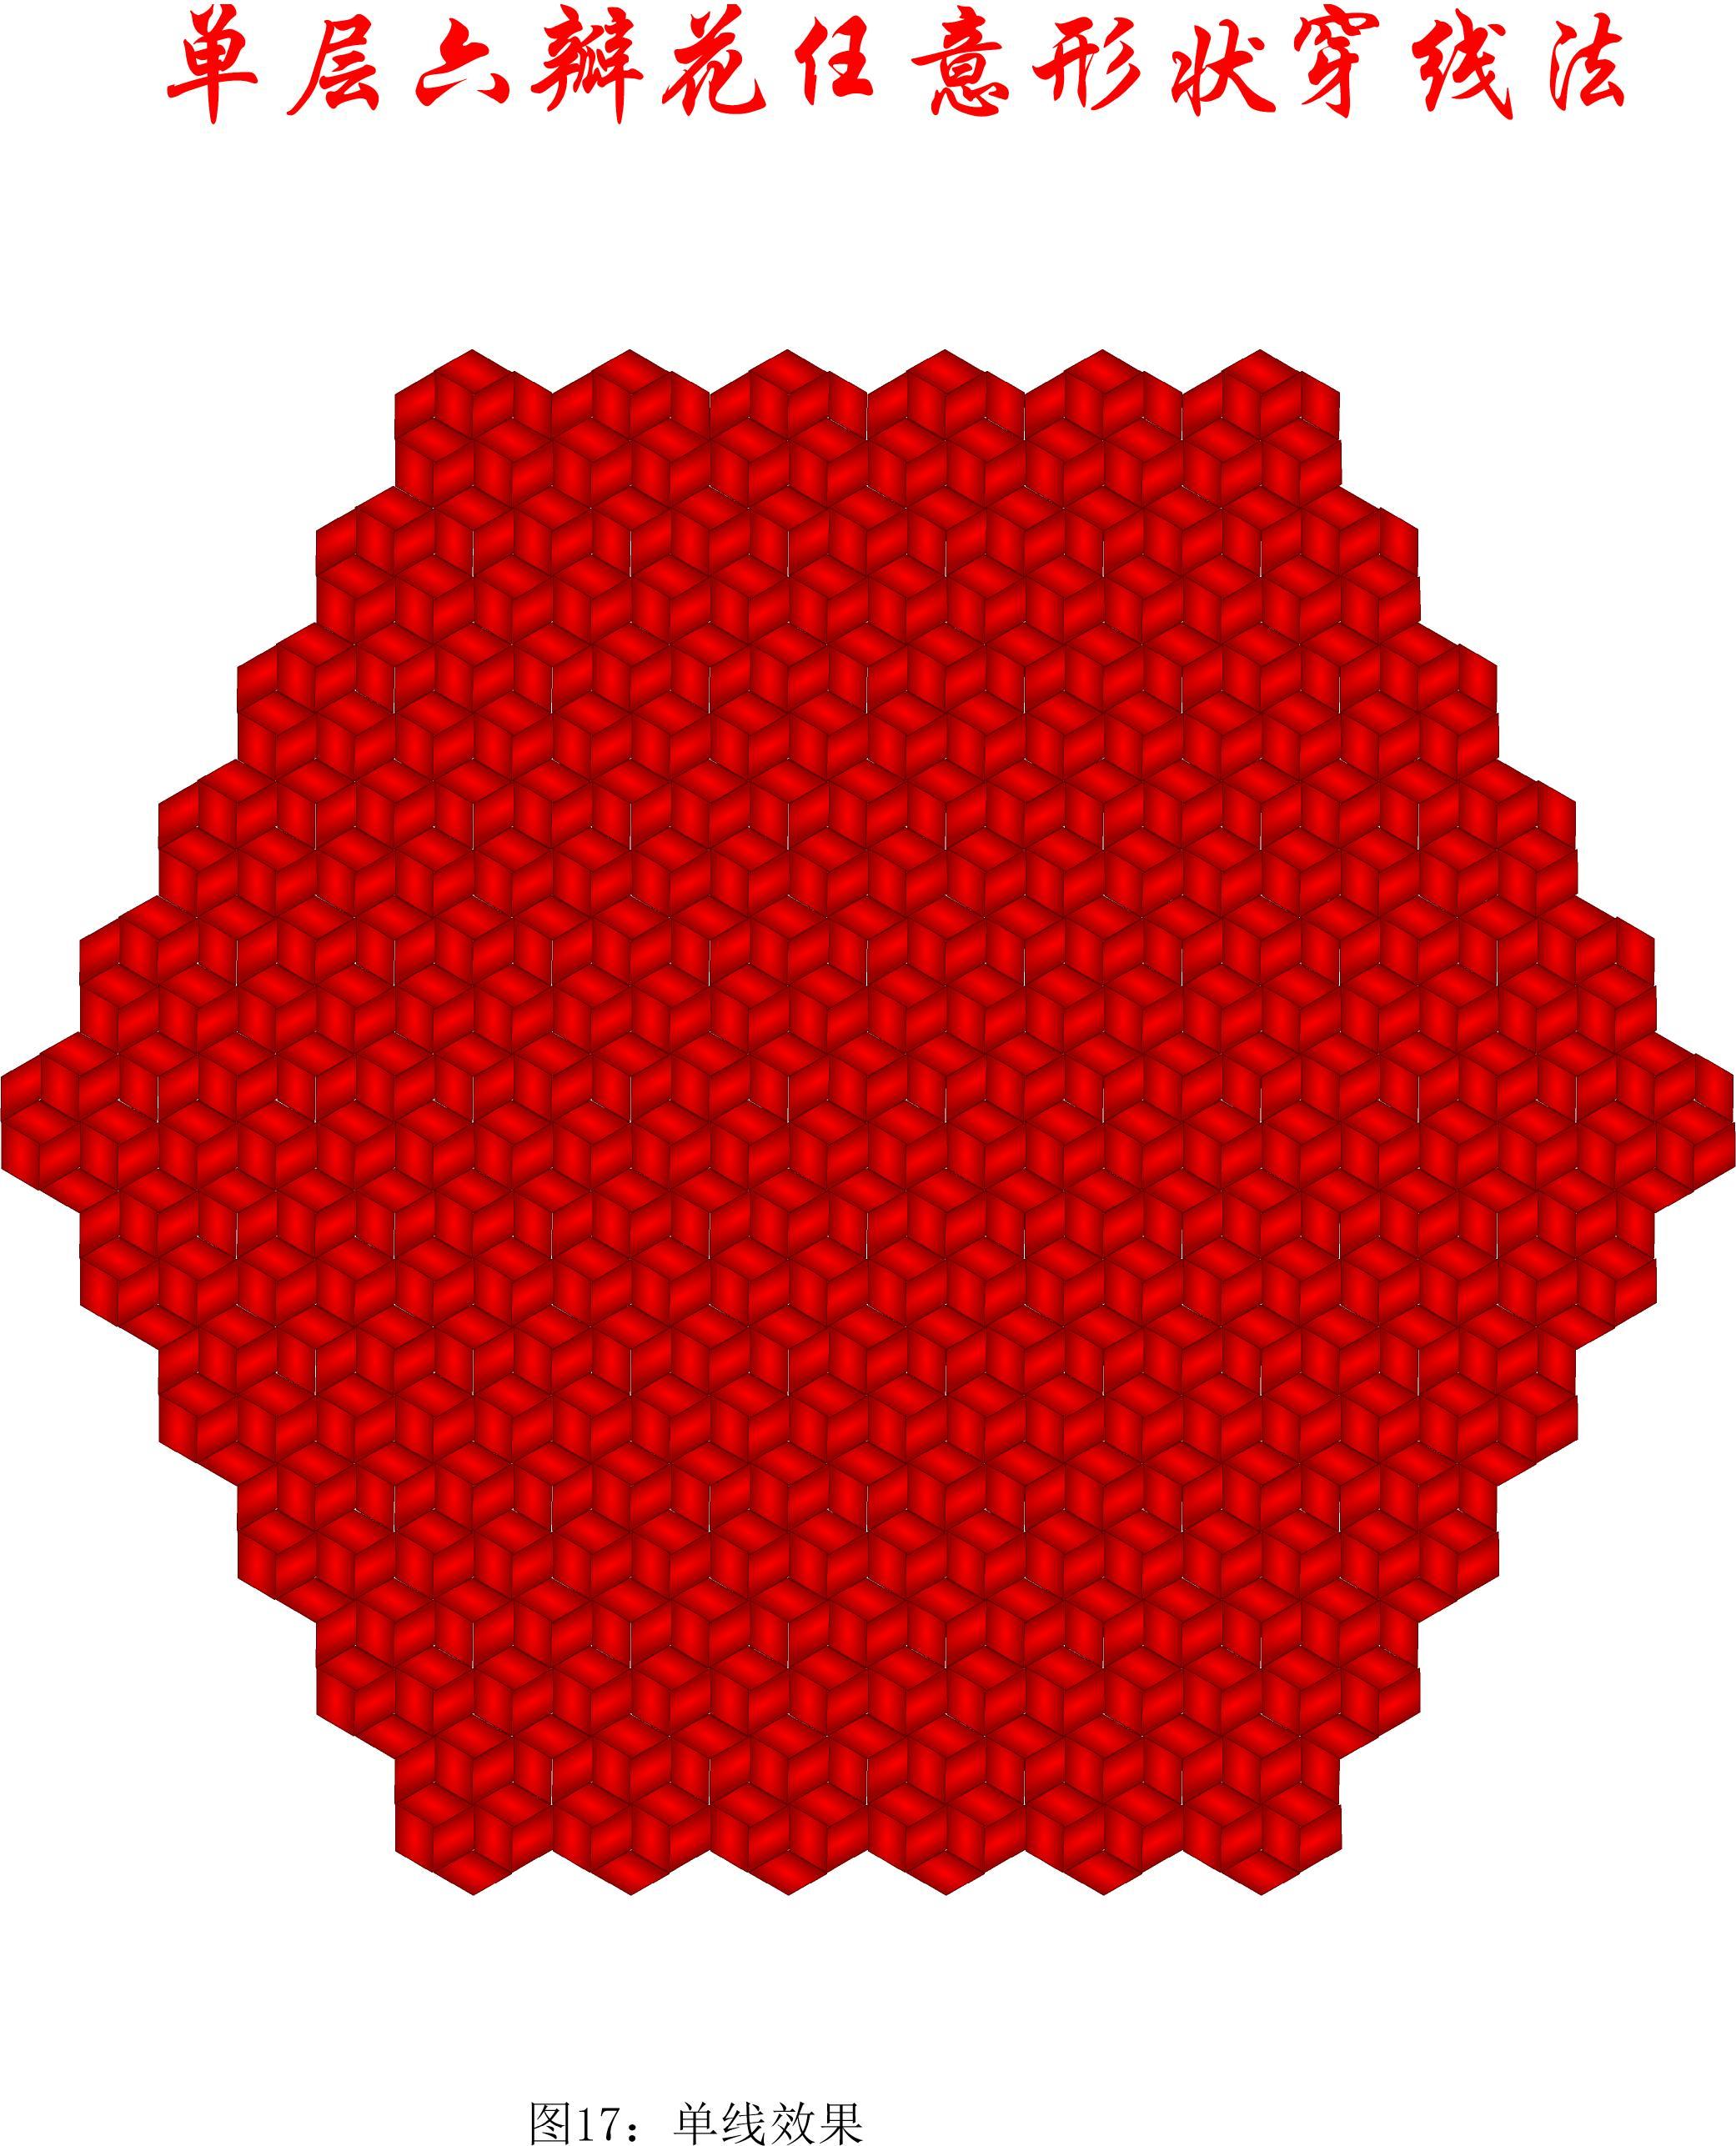 中国结论坛 单层叠压六瓣花任意形状穿线方法 1264,盘长结 丑丑徒手编结 201032fqvkk1h23k3q726i